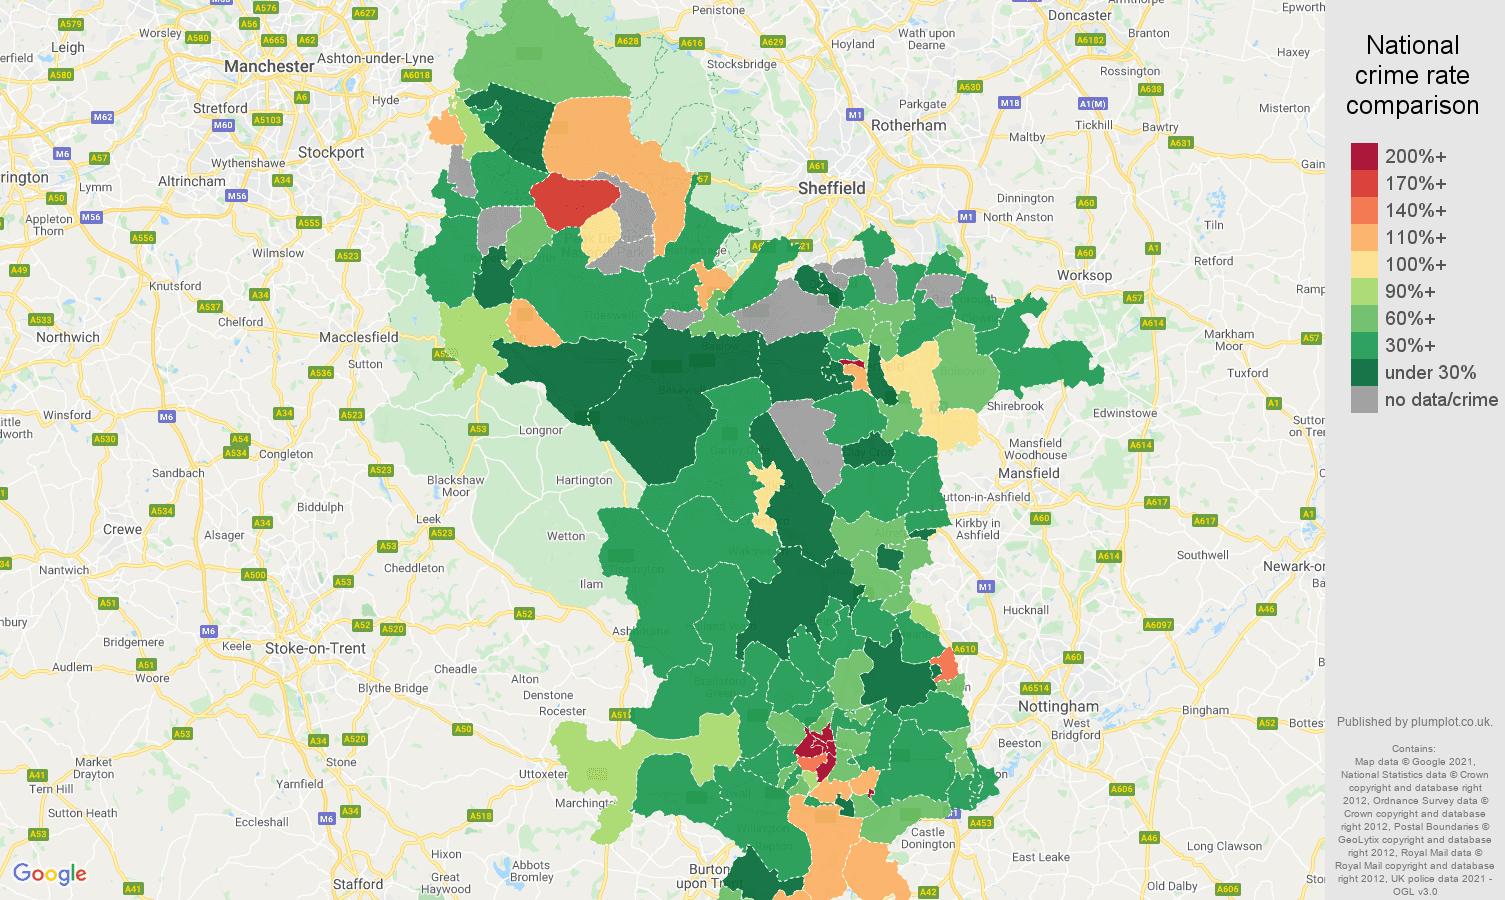 Derbyshire drugs crime rate comparison map